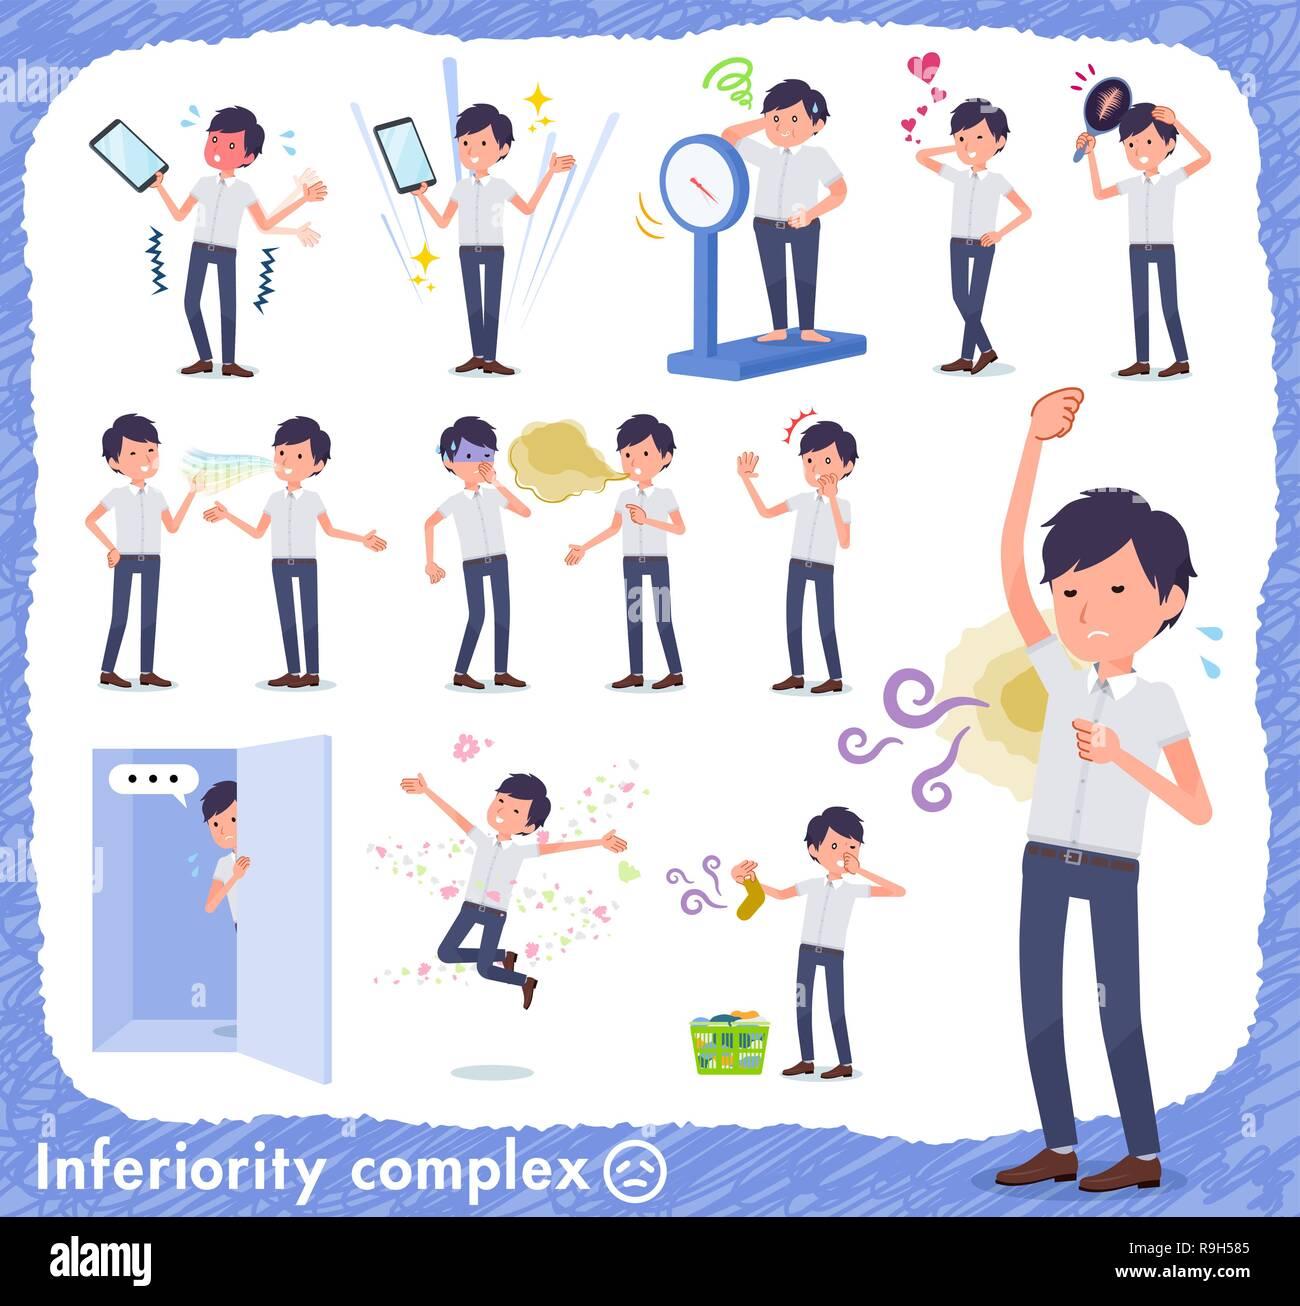 Un conjunto del empresario sobre el complejo de inferioridad.Hay acciones sufren de olor y aspecto.Es arte vectorial, así que es fácil de editar. Ilustración del Vector